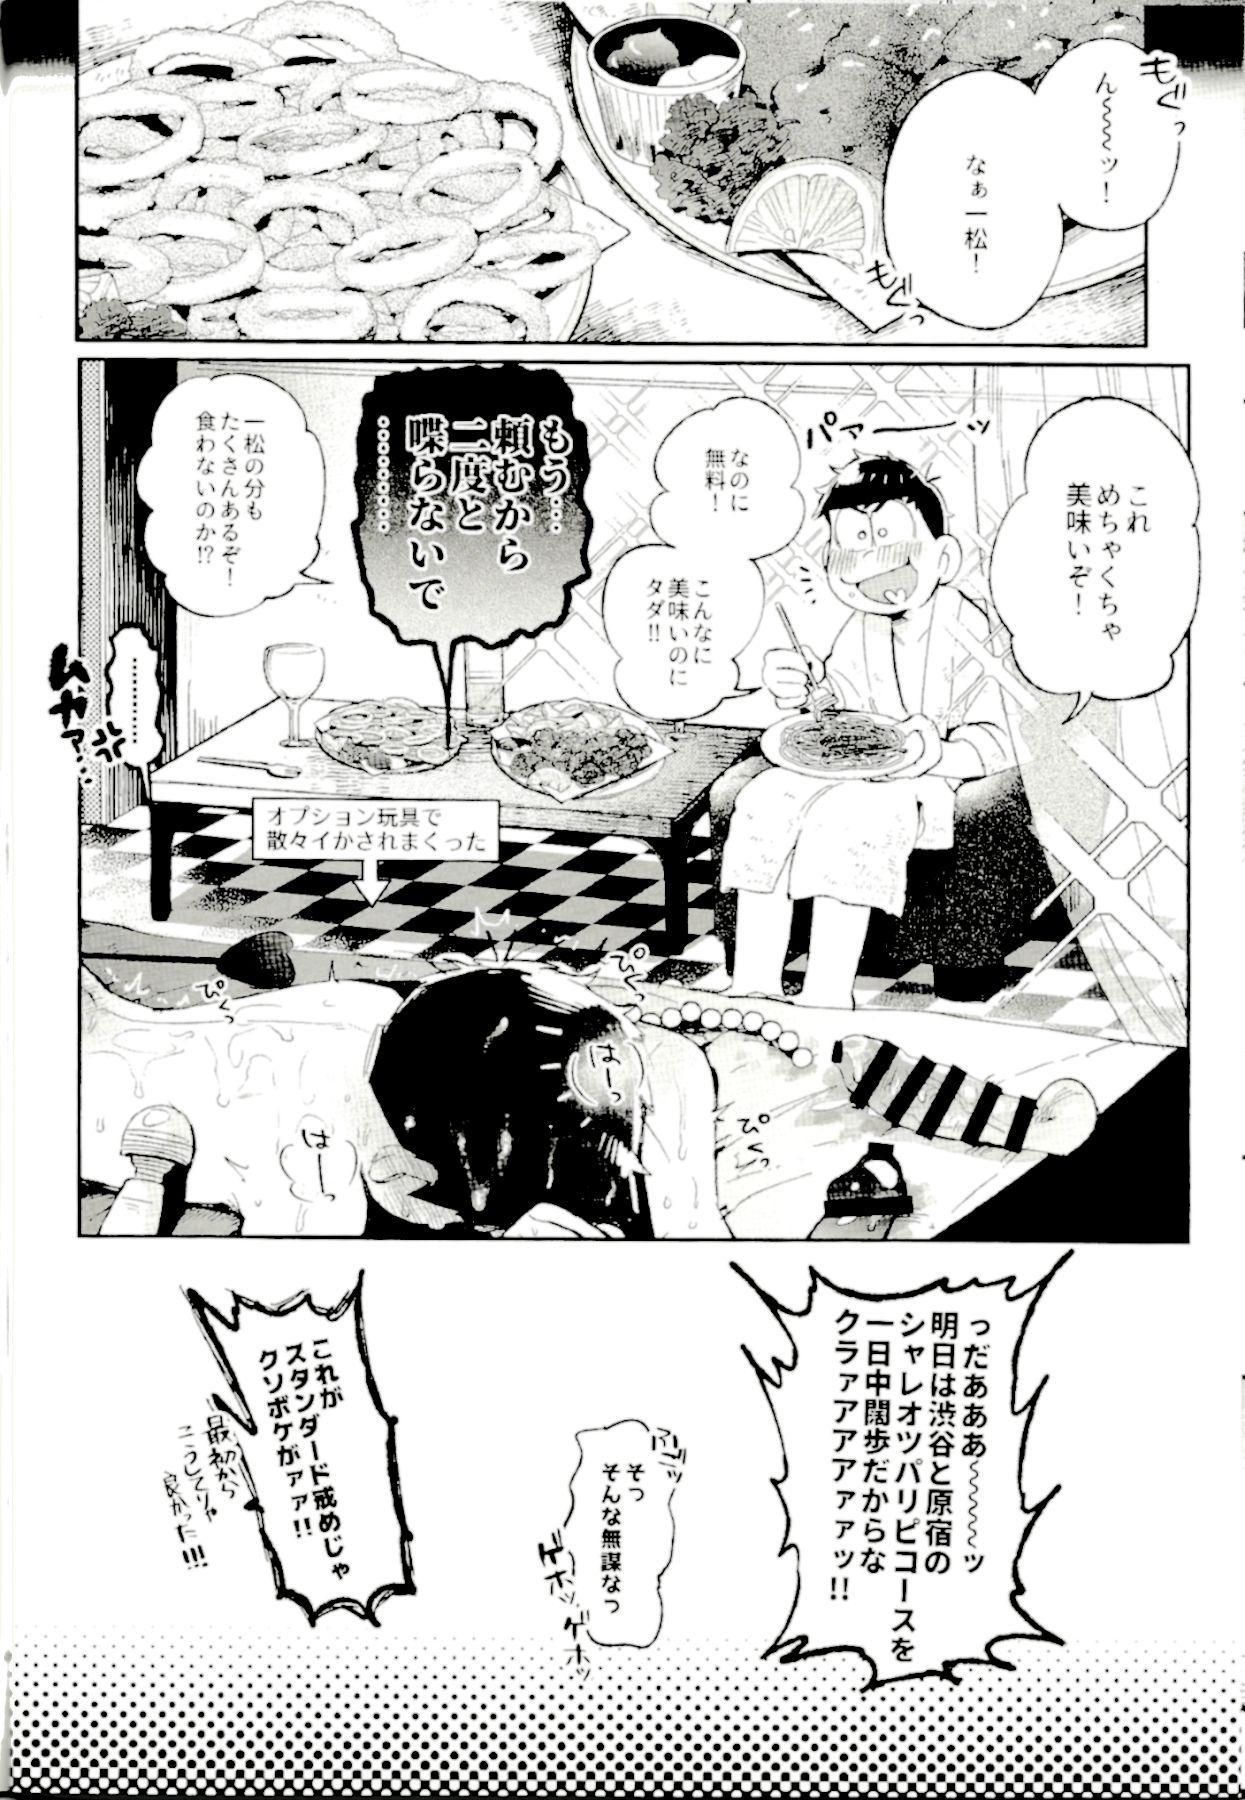 Kore ga Bokura no Imashime Riron 43